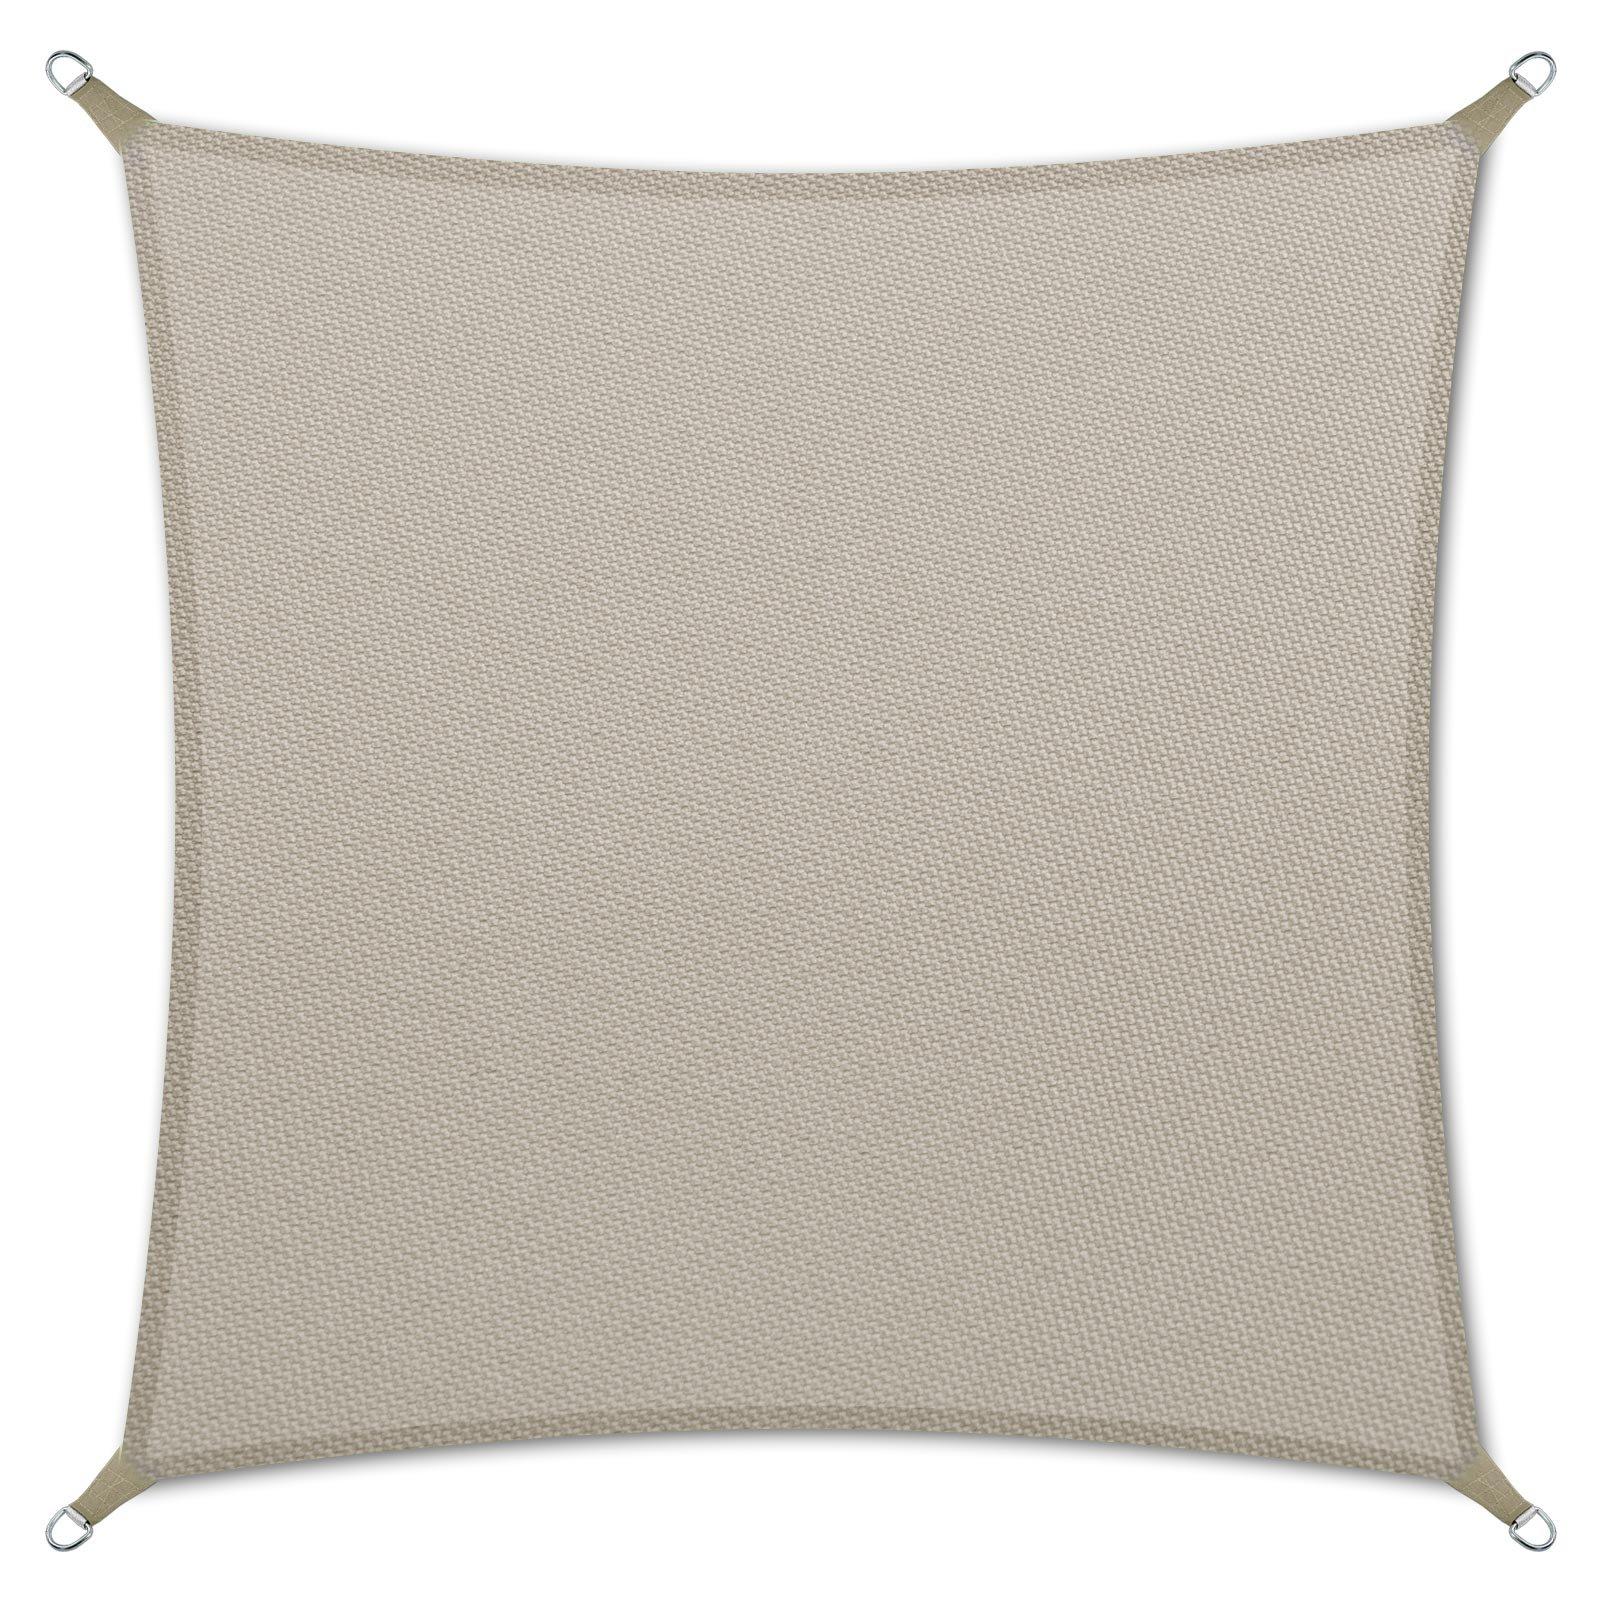 casa pura Sonnensegel wasserabweisend imprägniert | Testnote 1.4 | quadratisch, 3x3m | UV Schutz | viele Farben (grau)